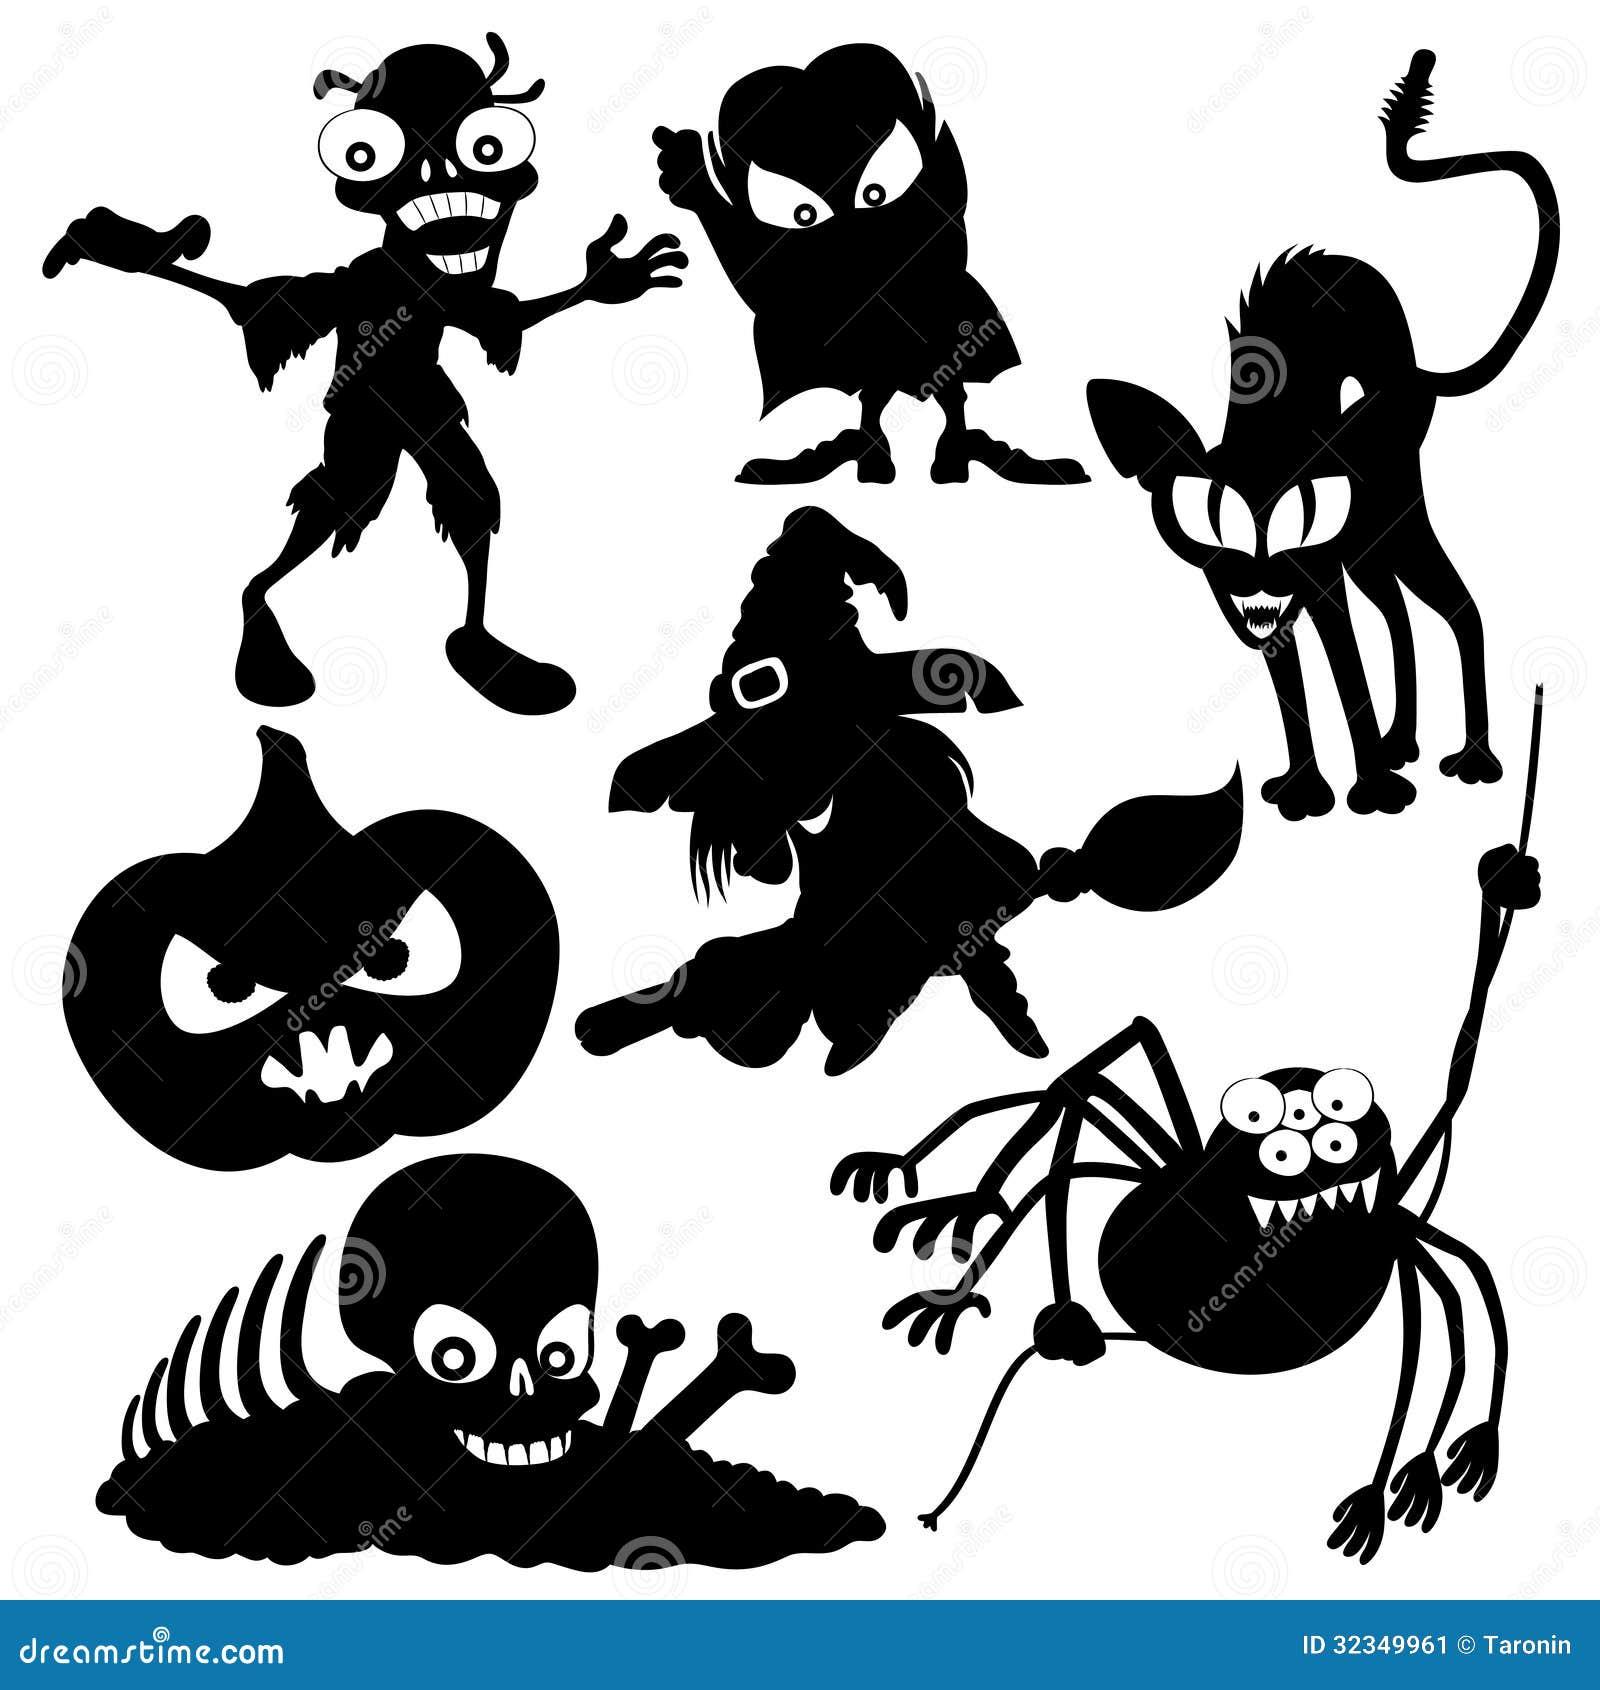 Halloween Skull Silhouette Halloween set  silhouettes onHalloween Skull Silhouette